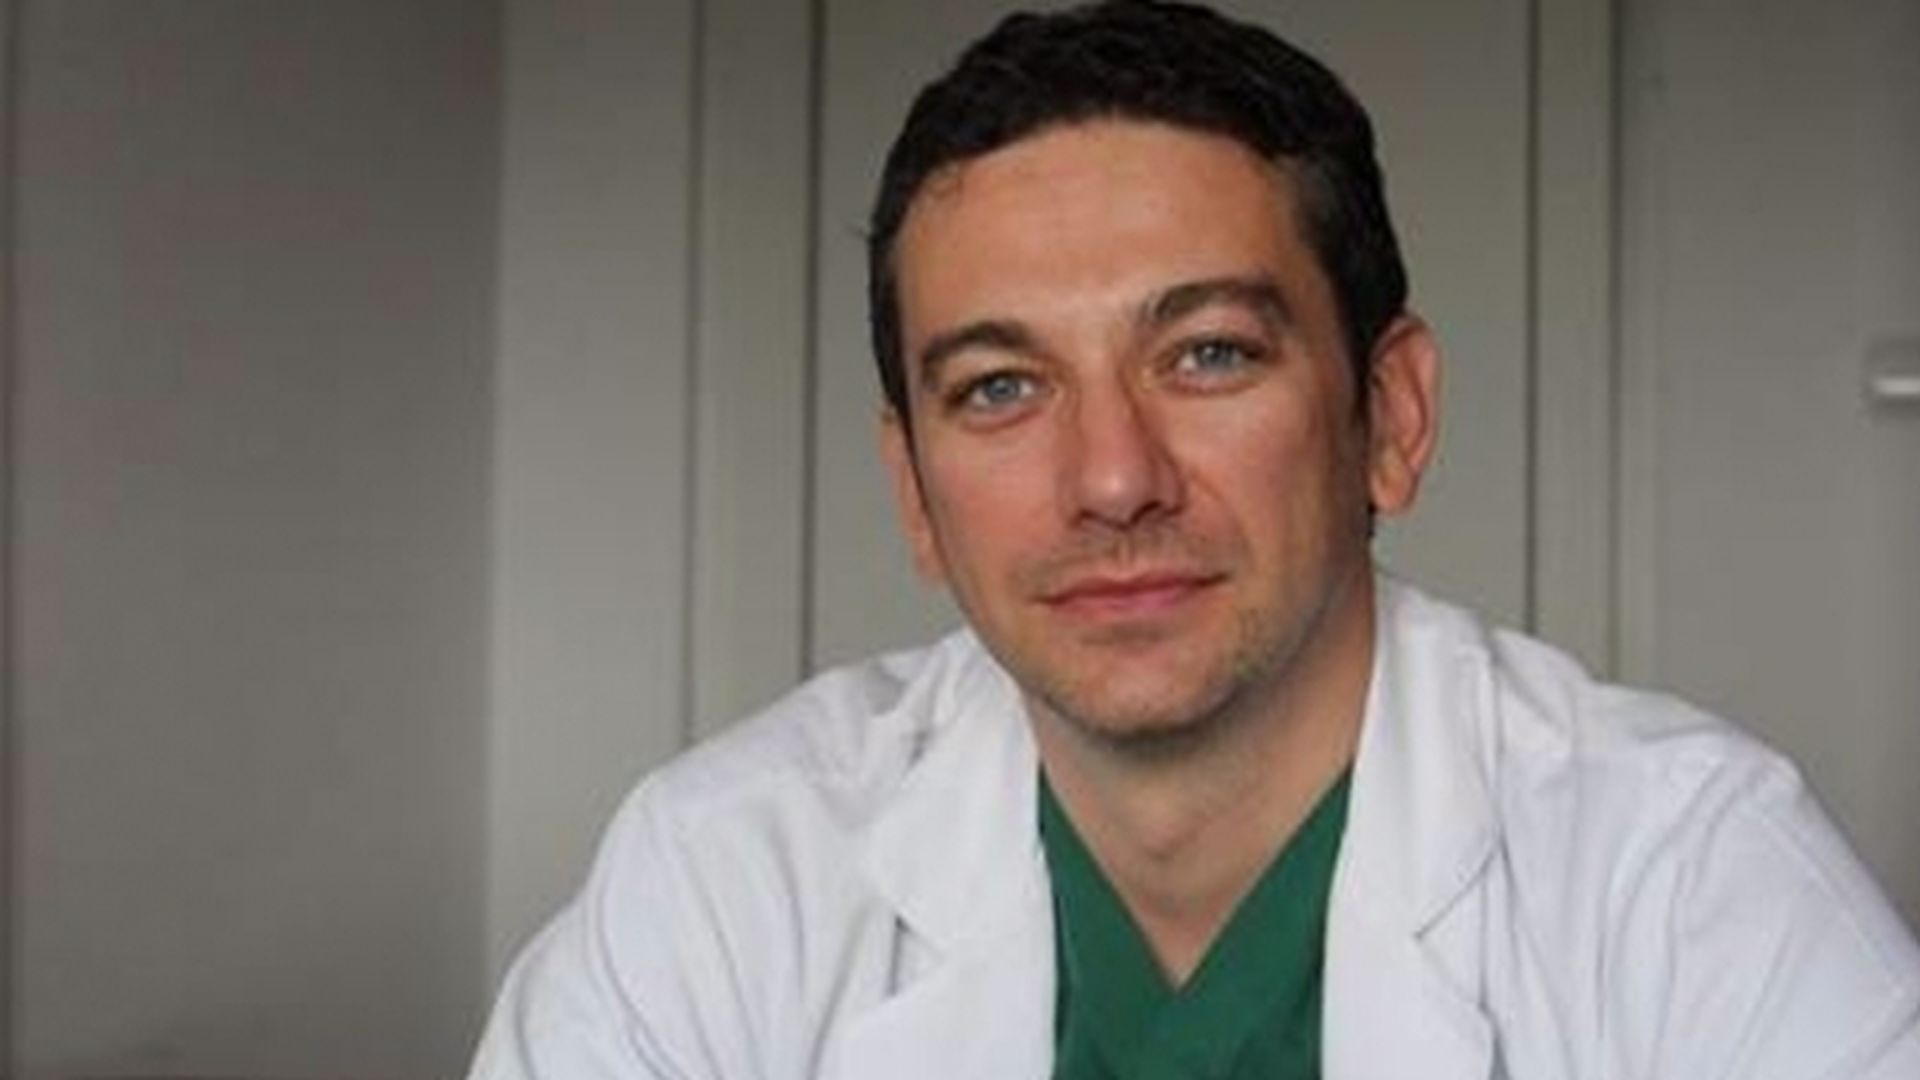 Tatăl medicului Radu Zamfir, în stare gravă la ATI. A fost operat chiar de fiul lui